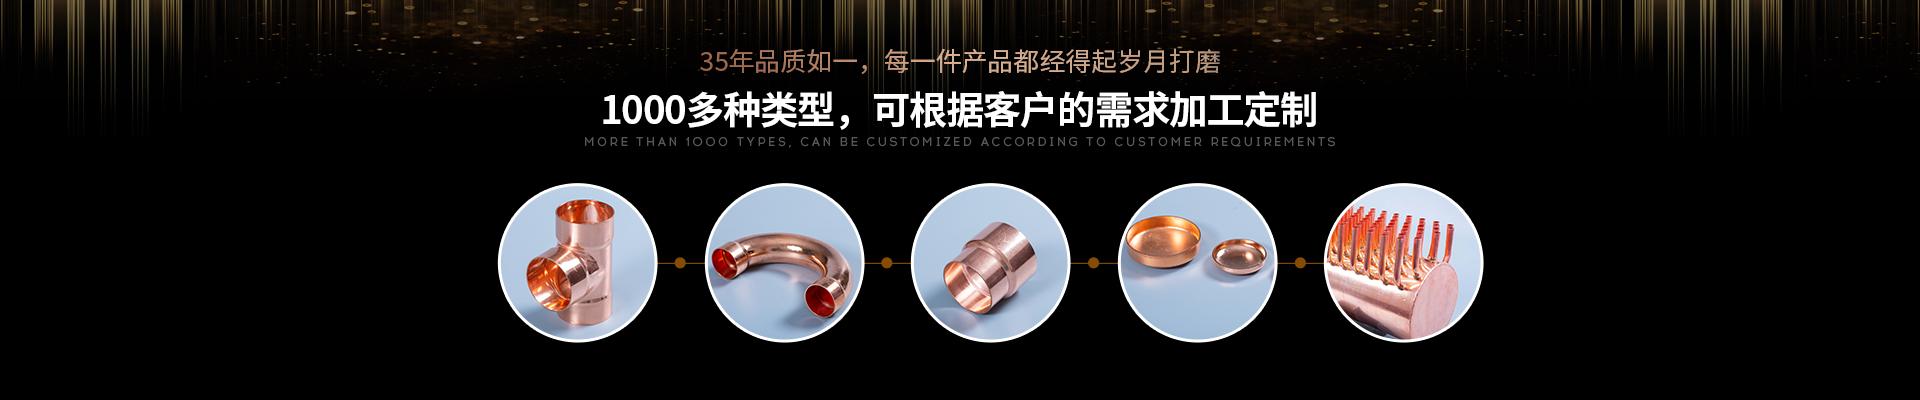 嘉科铜管-35年品质如一,每一件产品都经得起岁月打磨